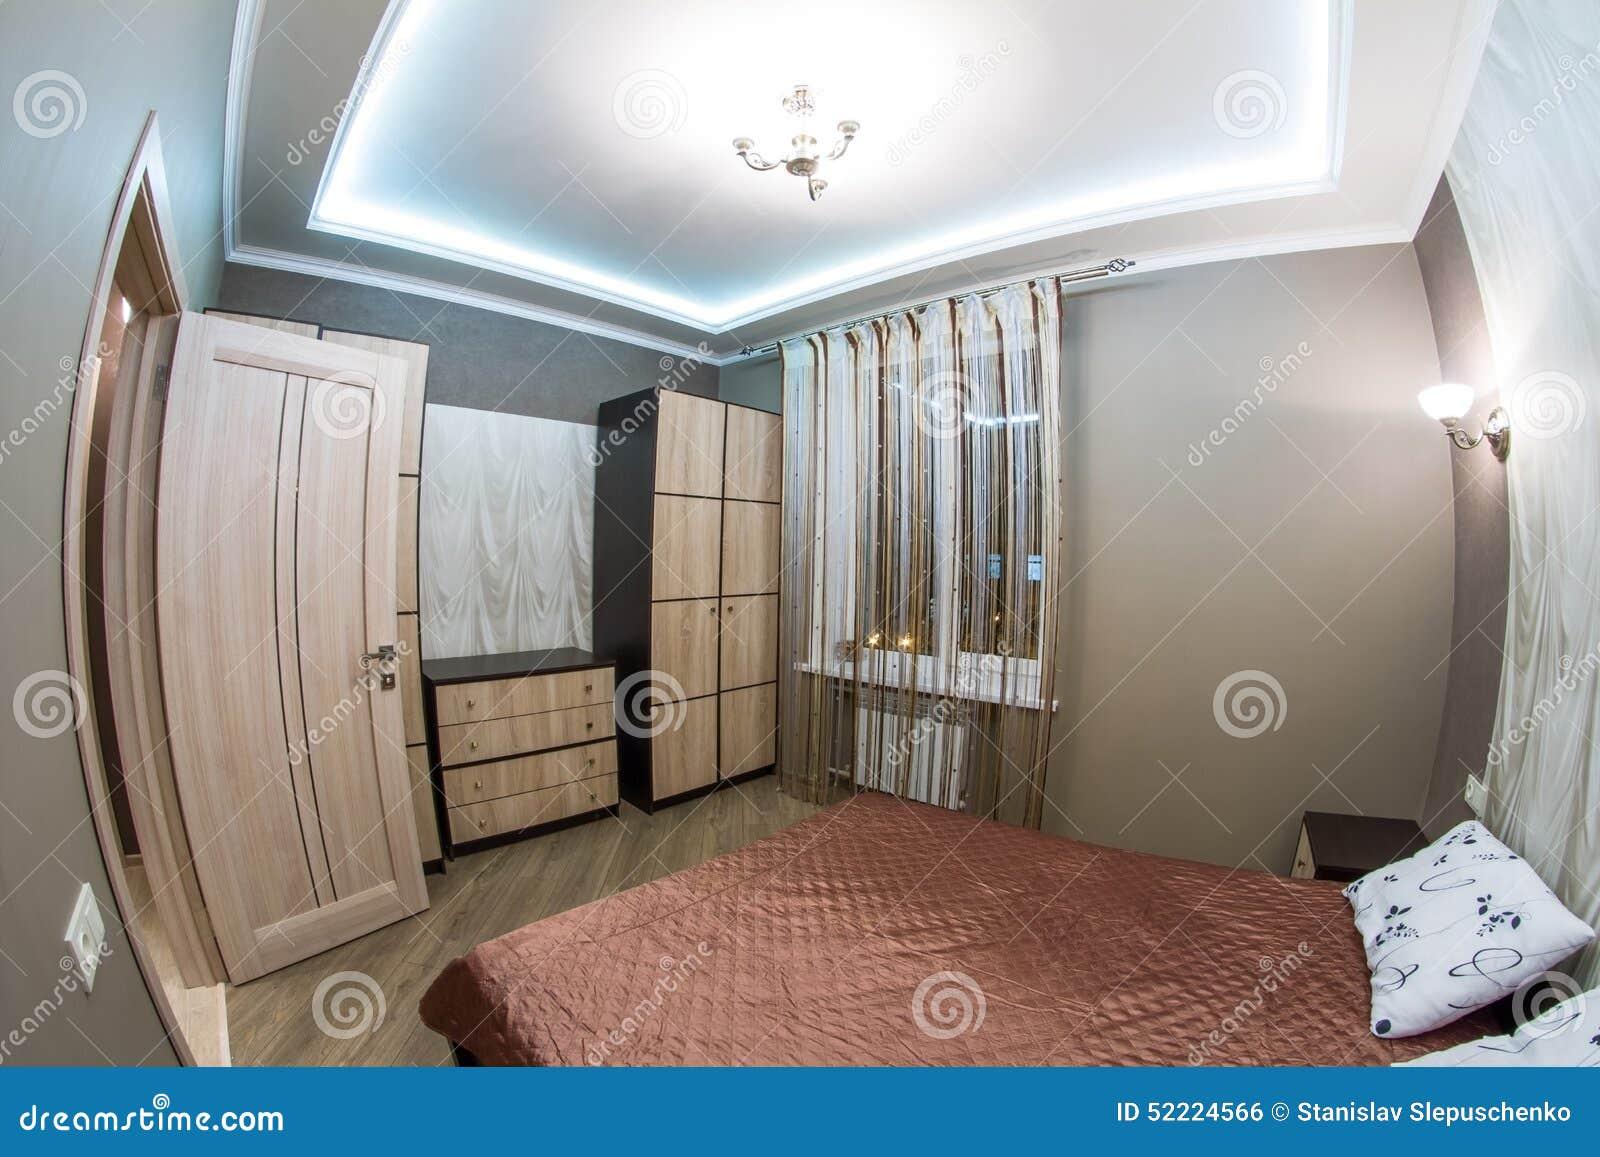 Kleines schlafzimmer doppelbett for Doppelbett kleines zimmer